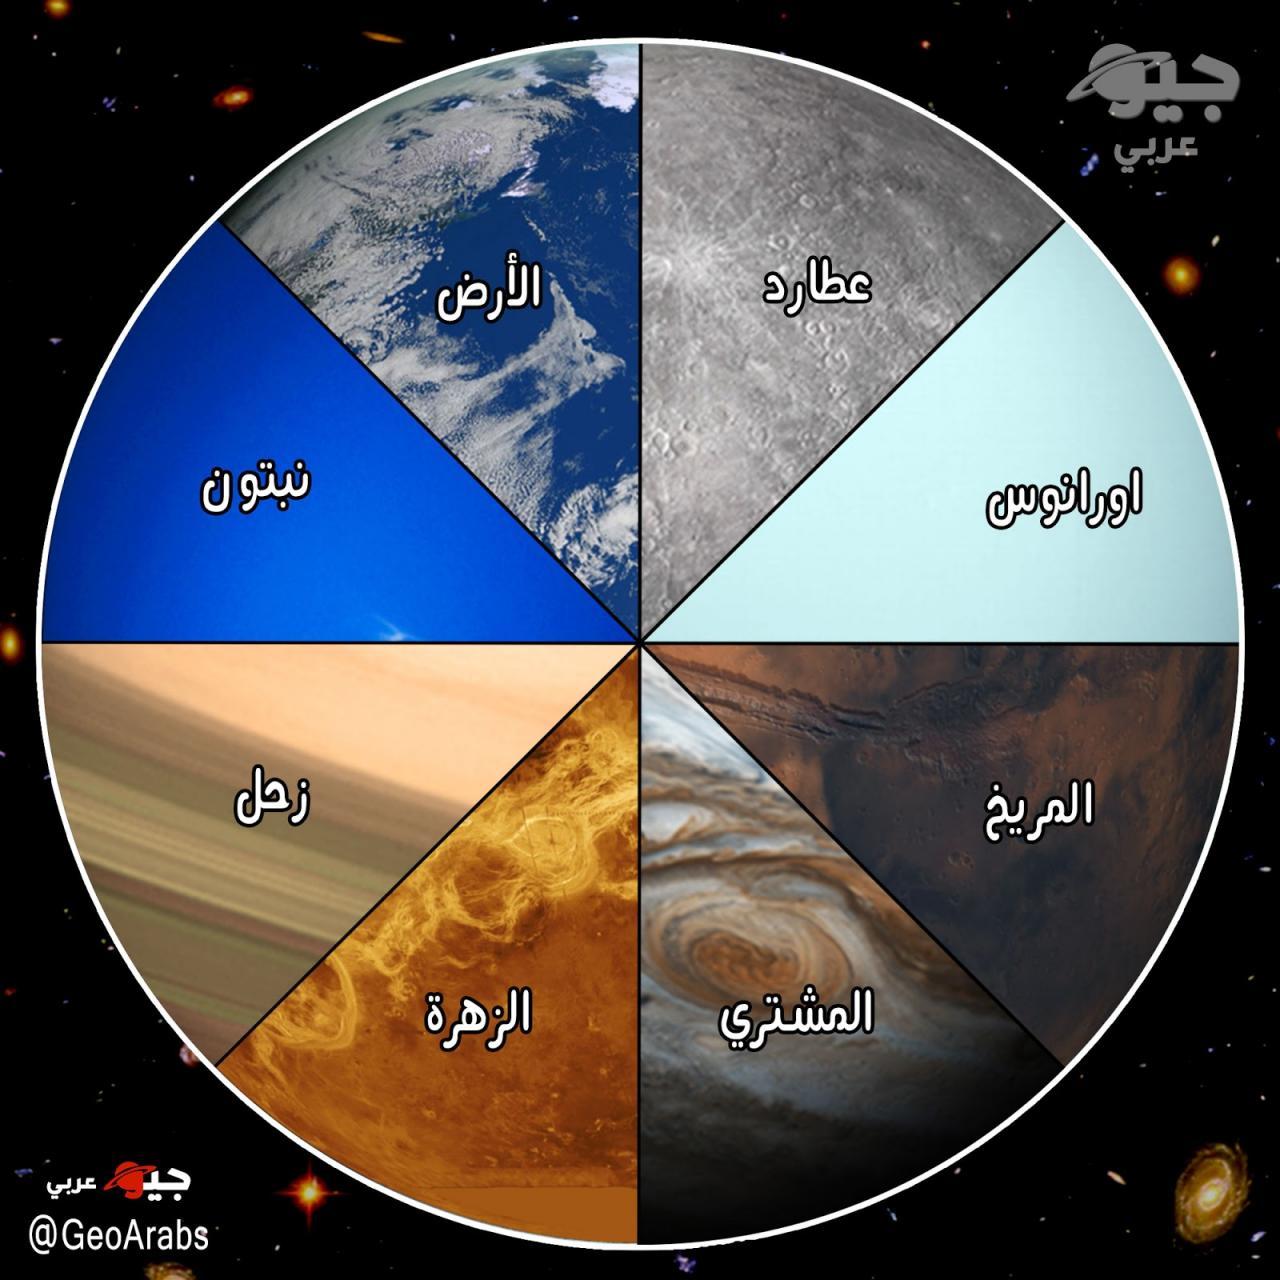 صورة ما هي المجموعة الشمسية , المجموعة الشمسية بالترتيب